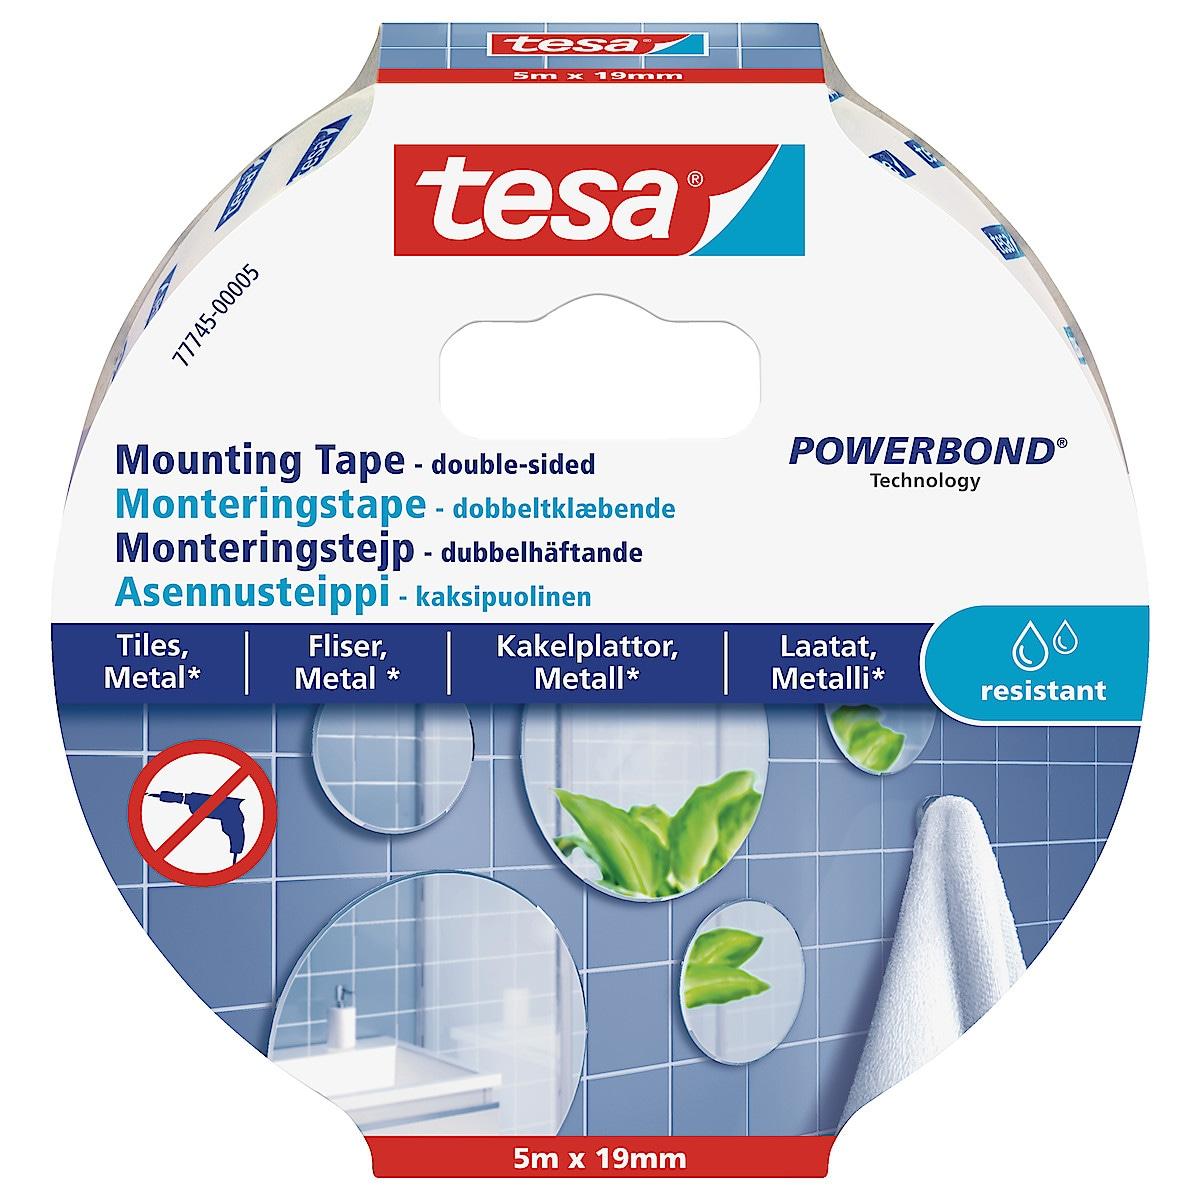 Monteringstejp kakel och metall Tesa